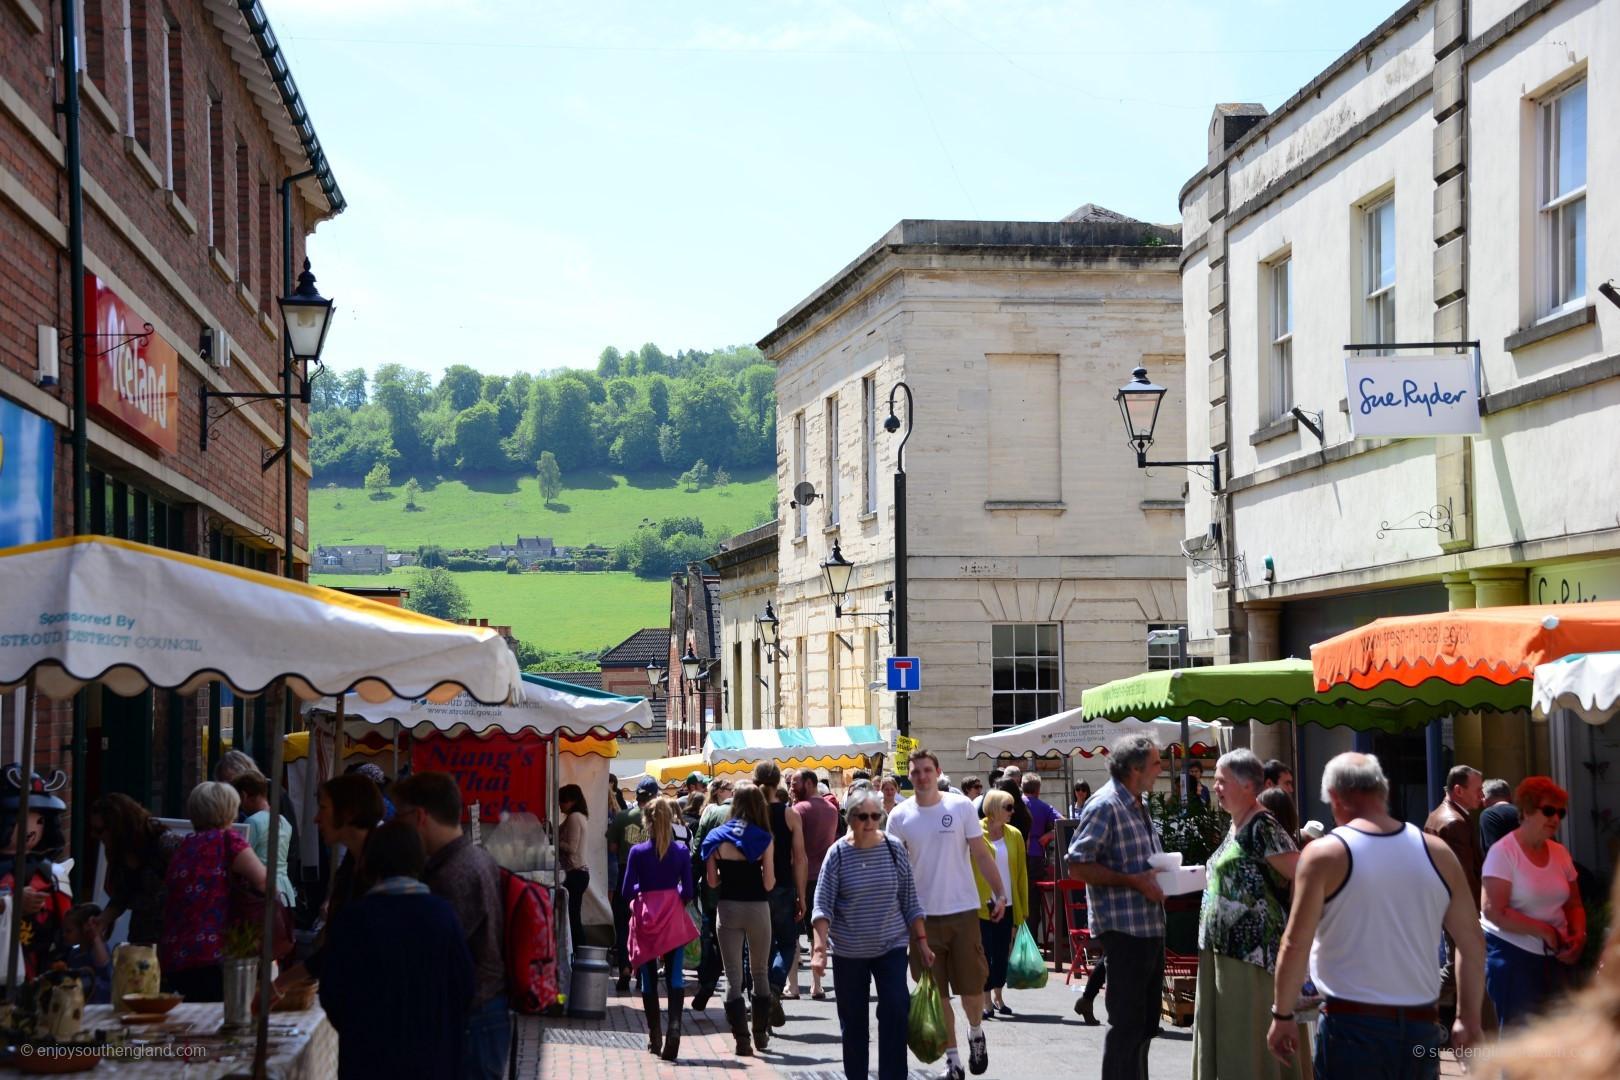 Der Farmers Market in Stroud ist teilweise ein echter Street Market